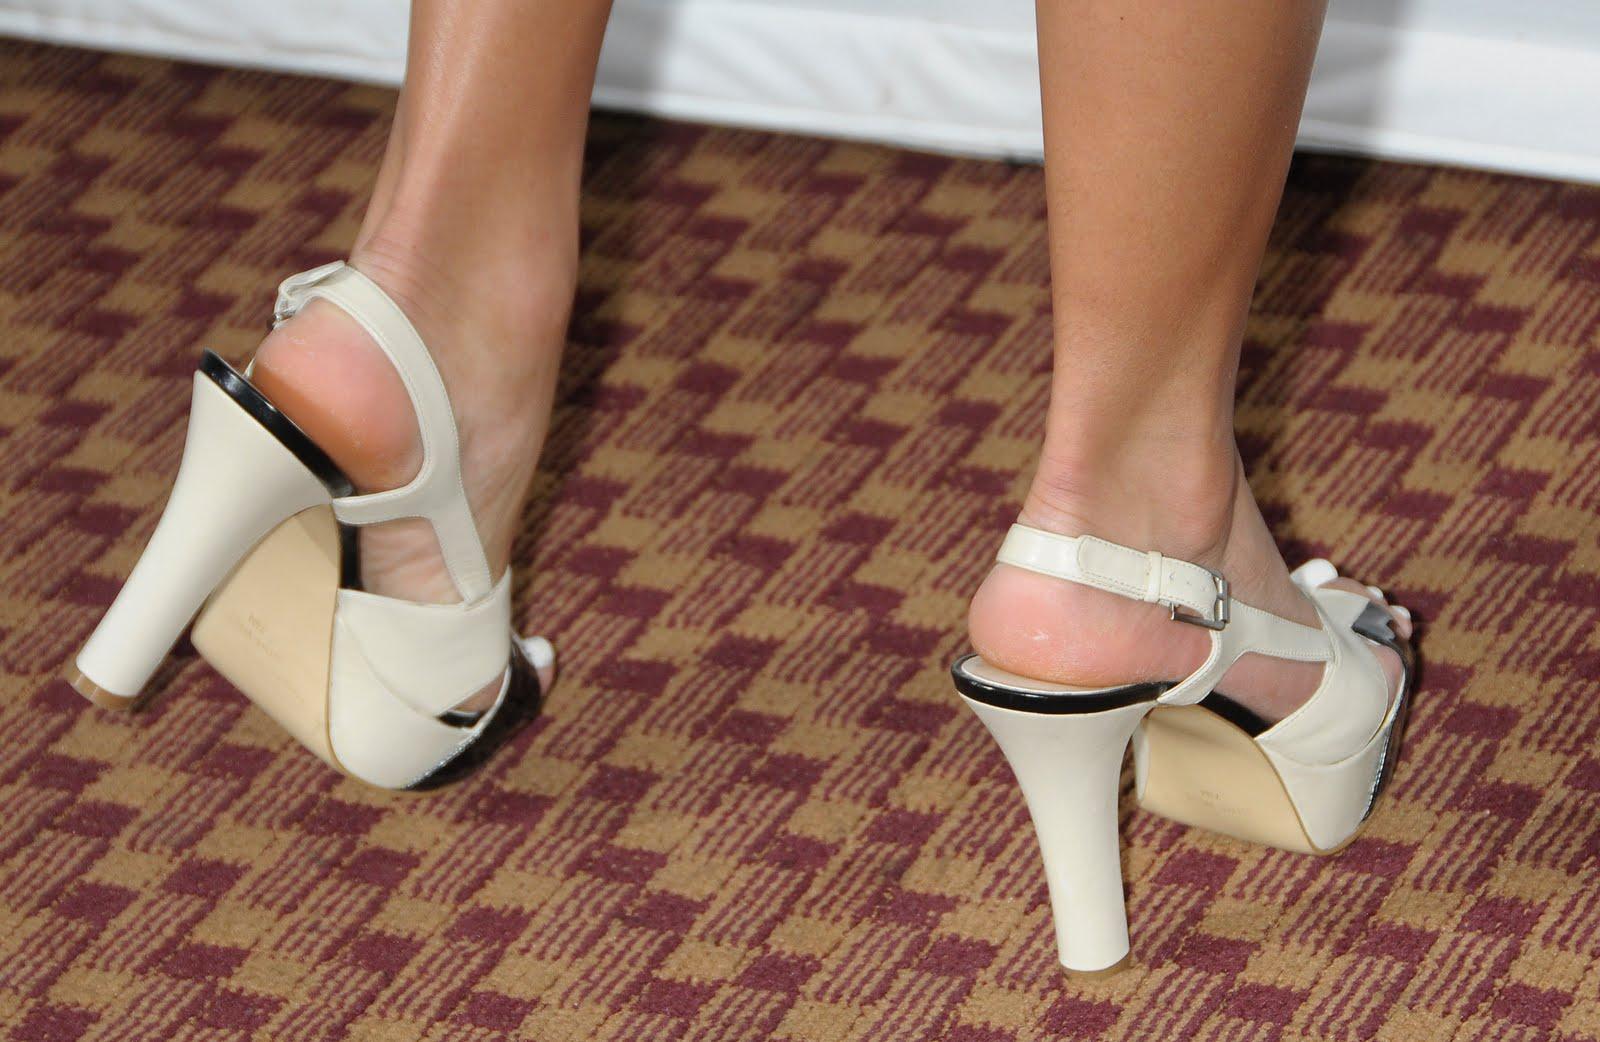 http://1.bp.blogspot.com/_UaLWp72nij4/S98sCGrTbgI/AAAAAAAAJa4/D8W2vtEl-fw/s1600/jessica-szohr-feet-5.jpg